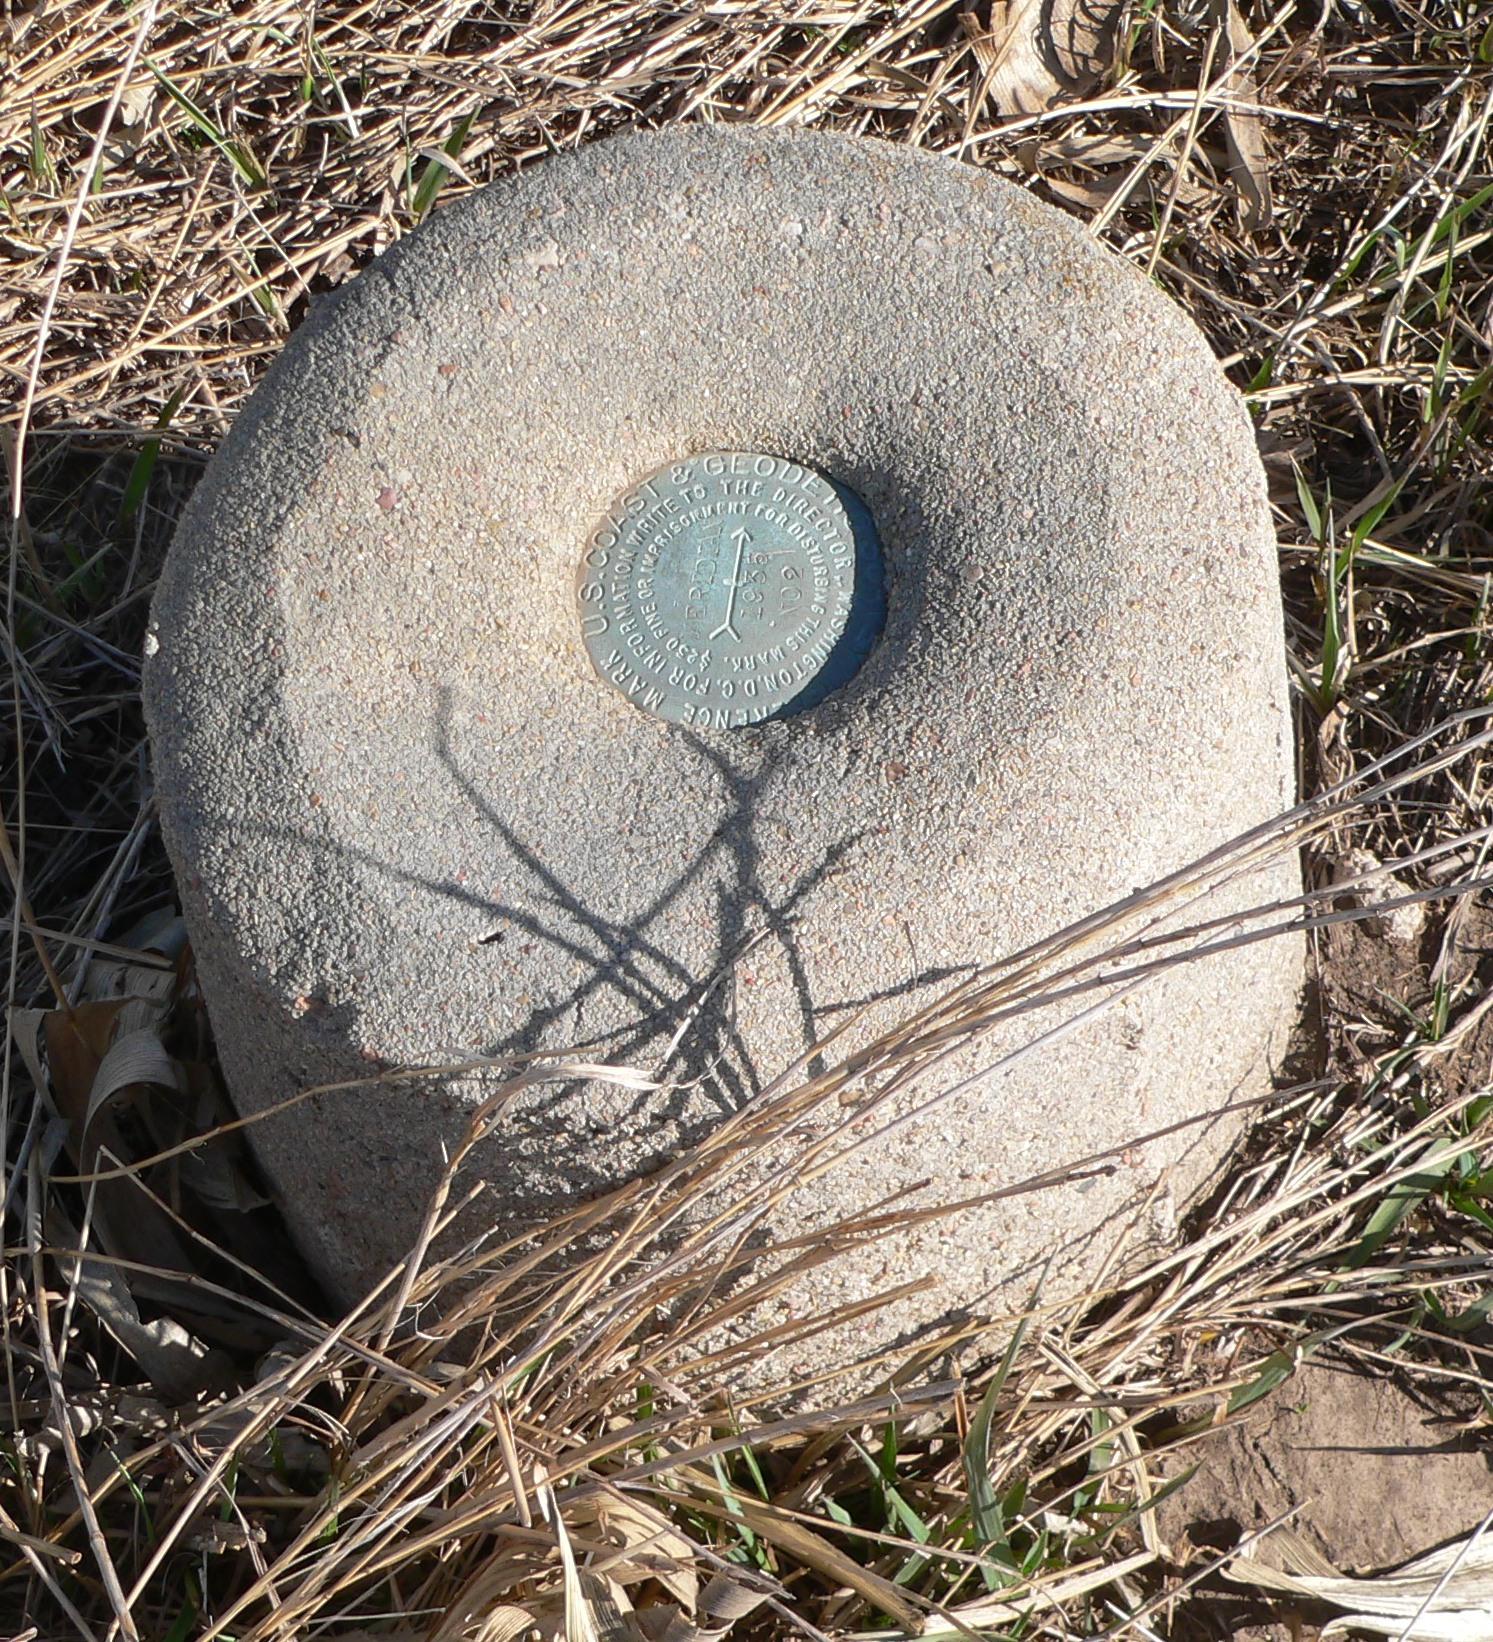 Jpg Post Info: File:Survey Monument JF00-072 W Witness Post 2.JPG